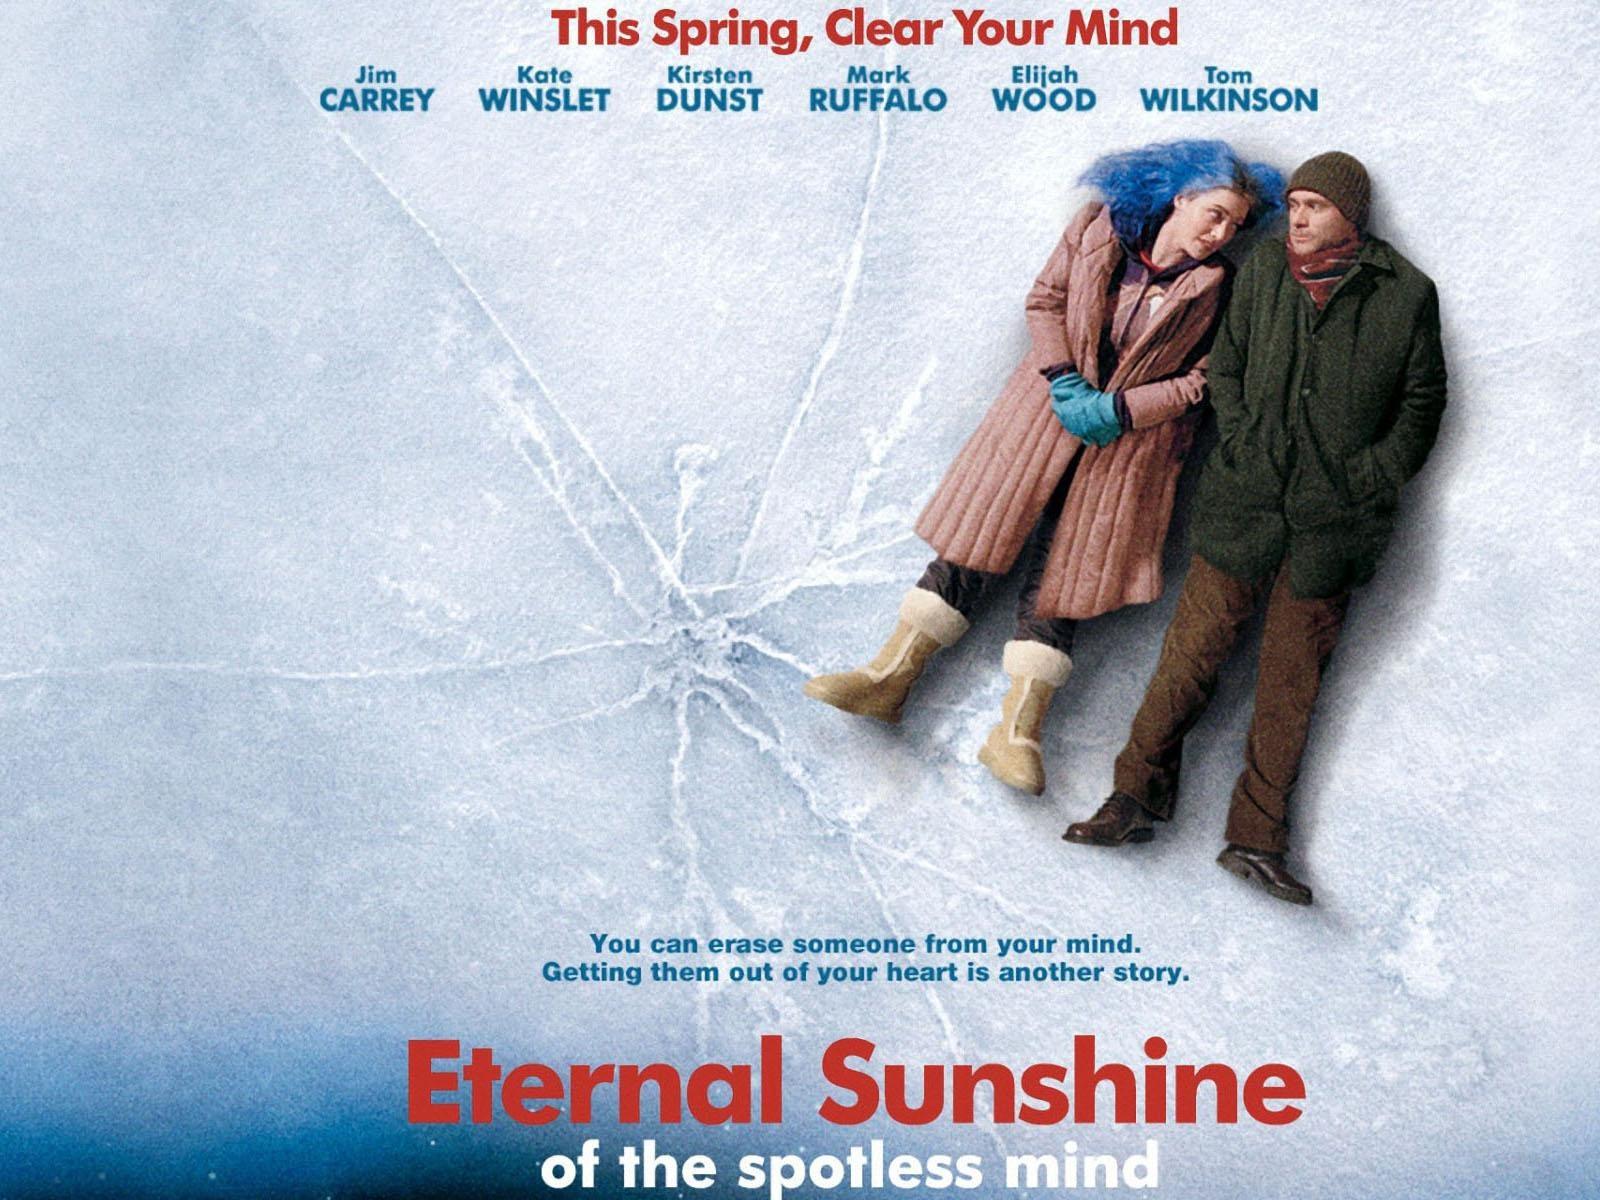 درخشش ابدی یک ذهن پاک Eternal Sunshine of the Spotless Mind